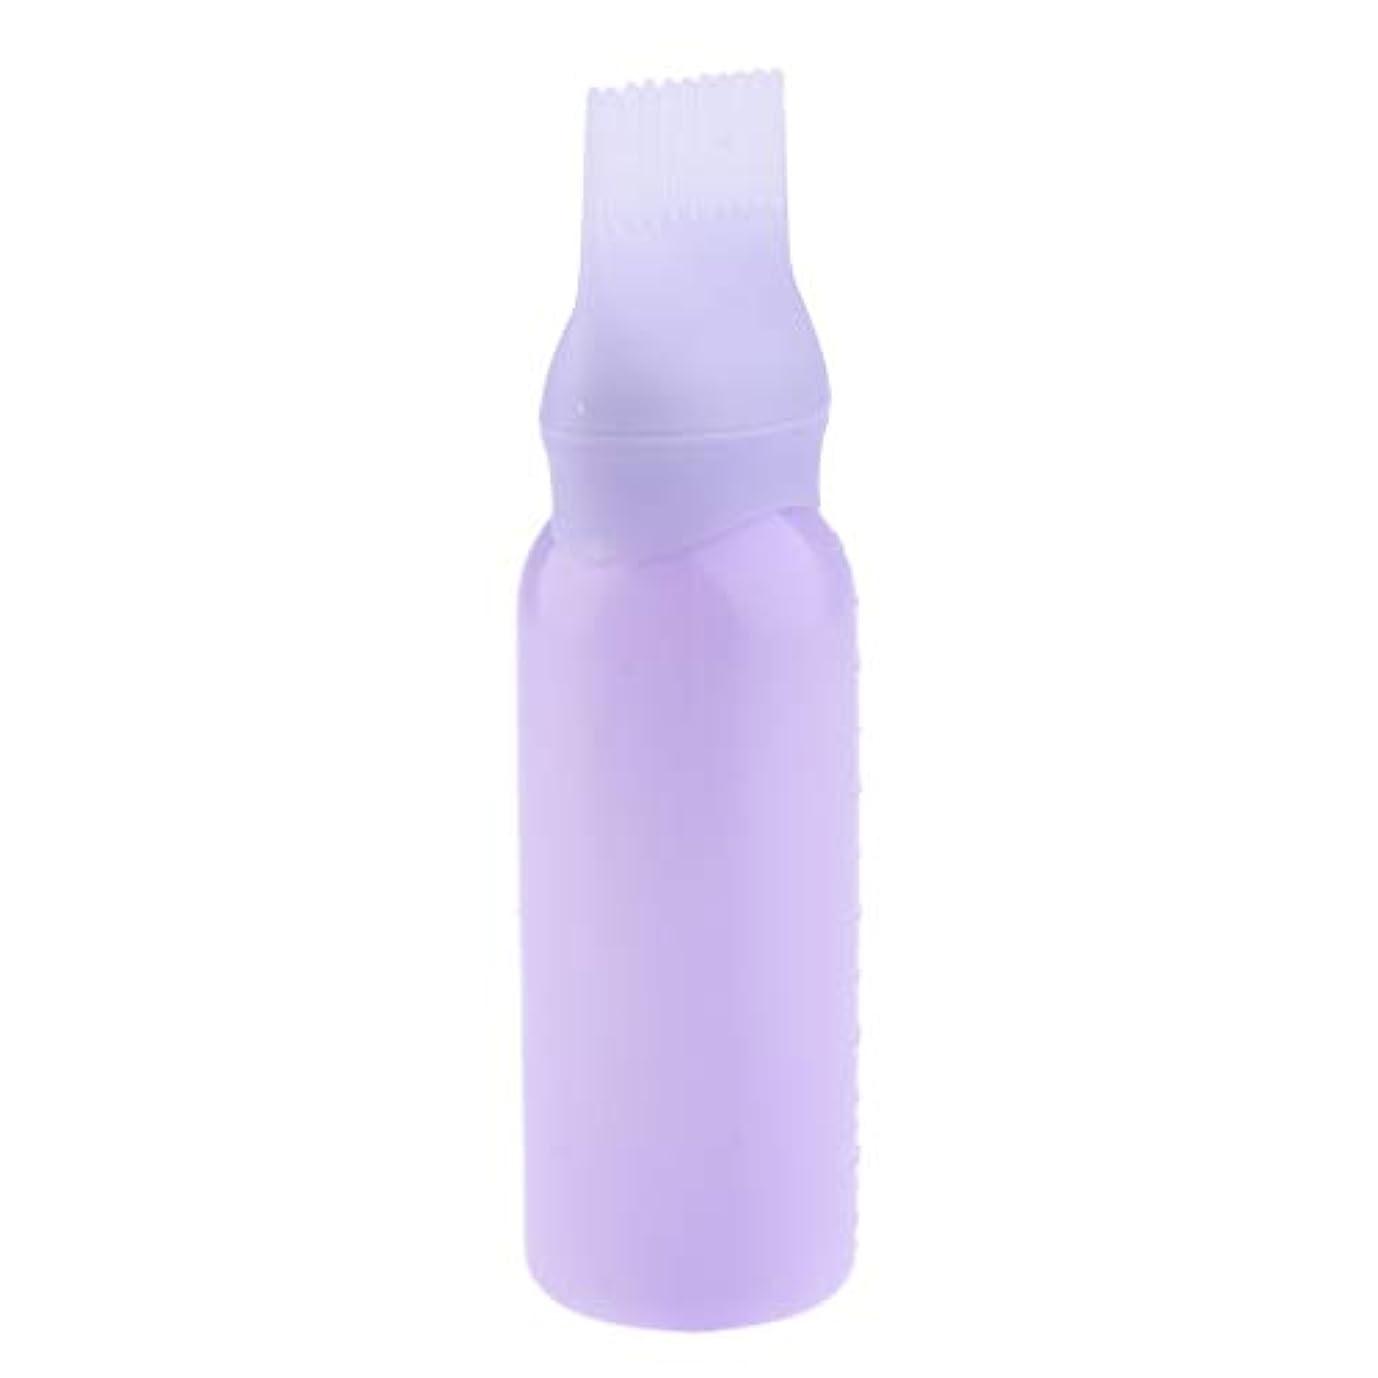 難しい練る怠惰ヘアダイボトル ヘアカラー ヘア染色 ディスペンサー アプリケーター 3色選べ - 紫